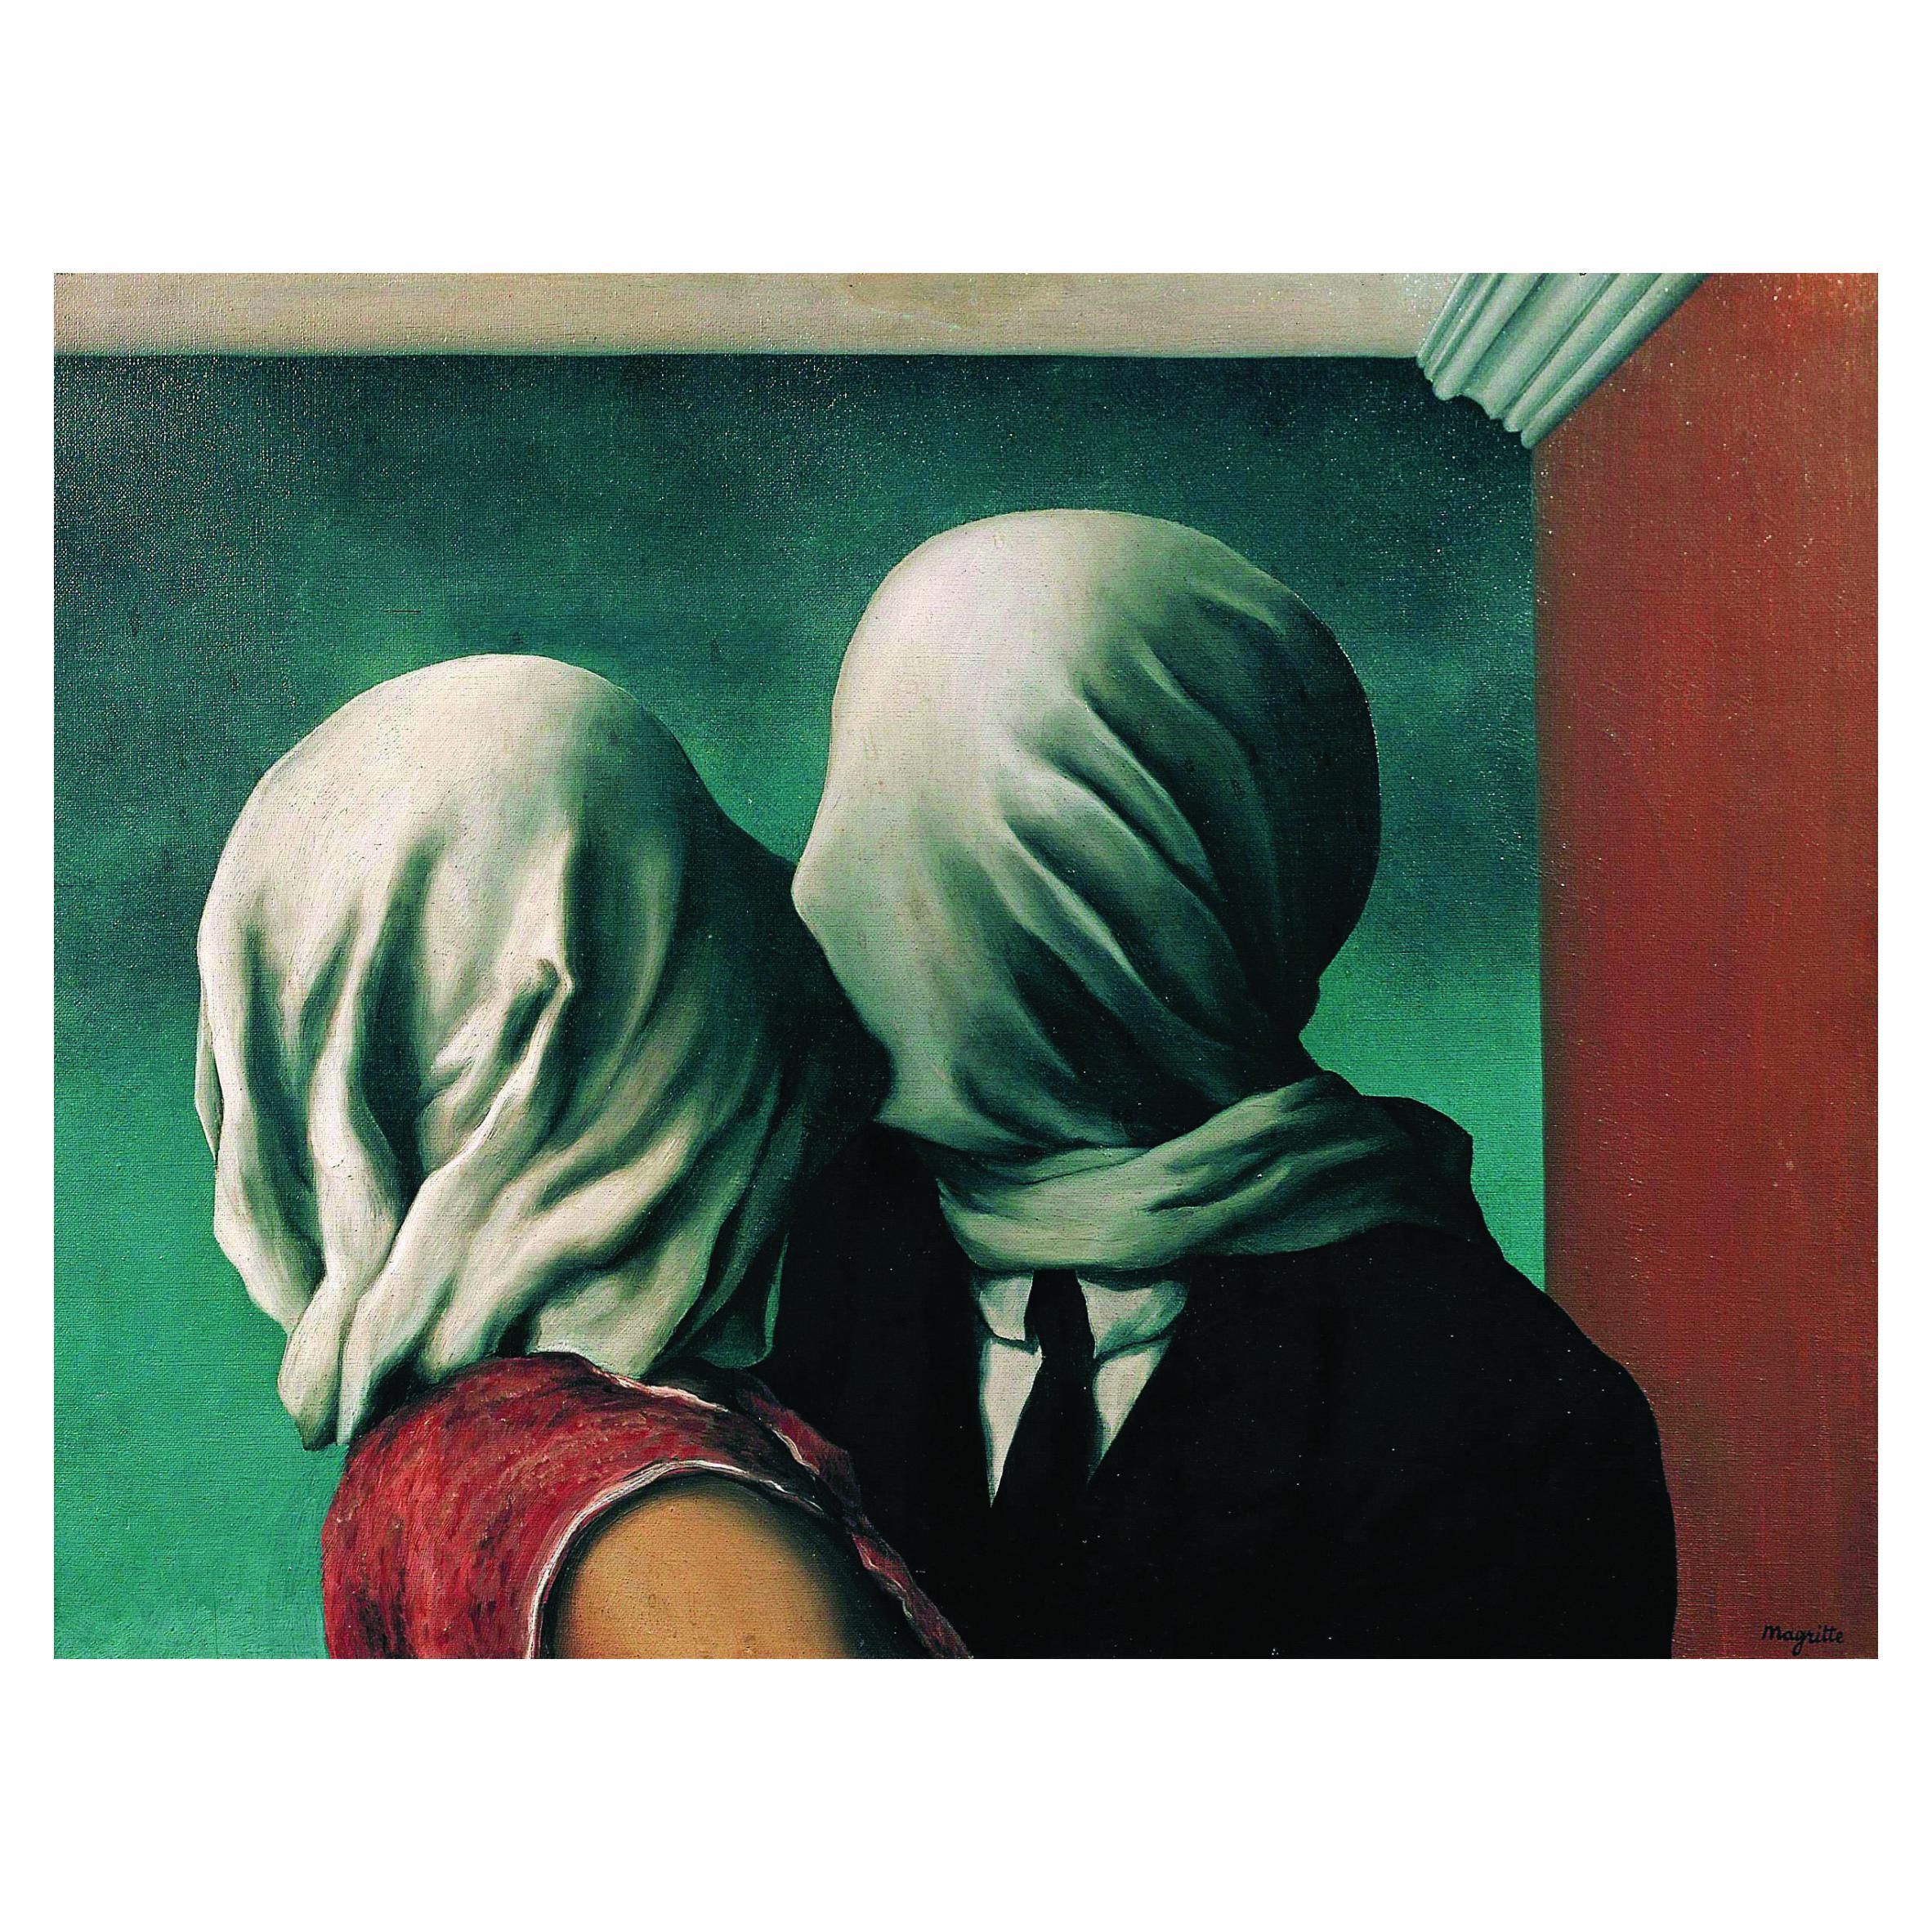 Рене Магрит. Принт на картон #437